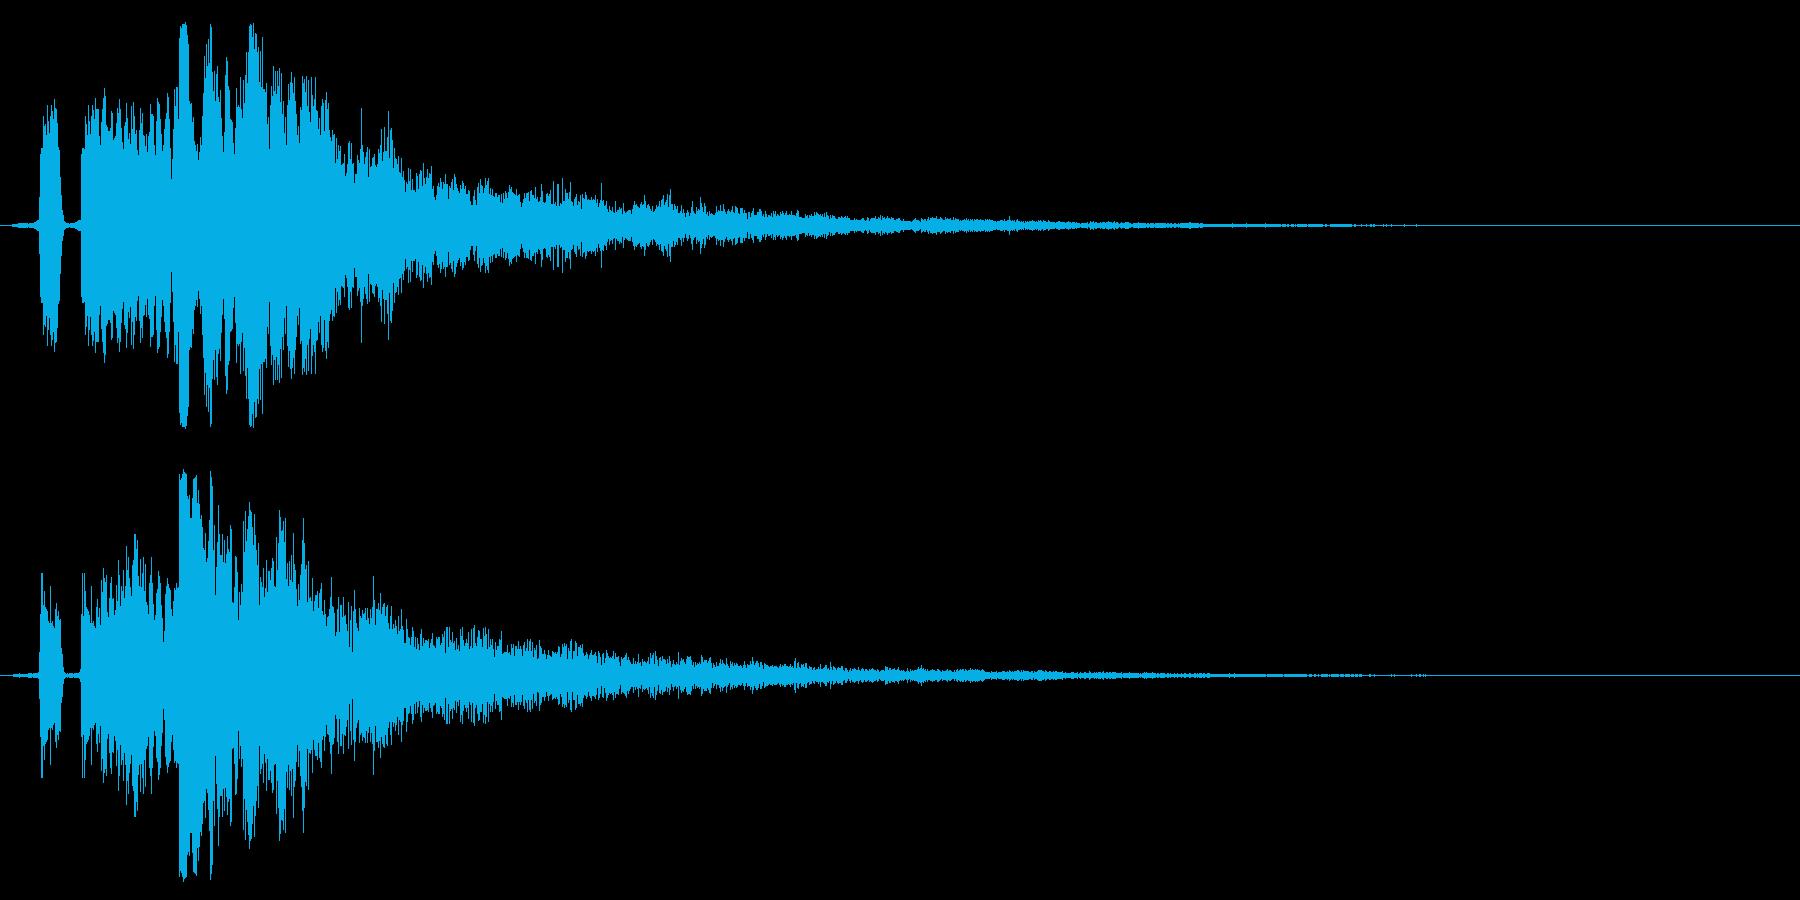 シンプルな決定/ボタン/クリック効果音5の再生済みの波形